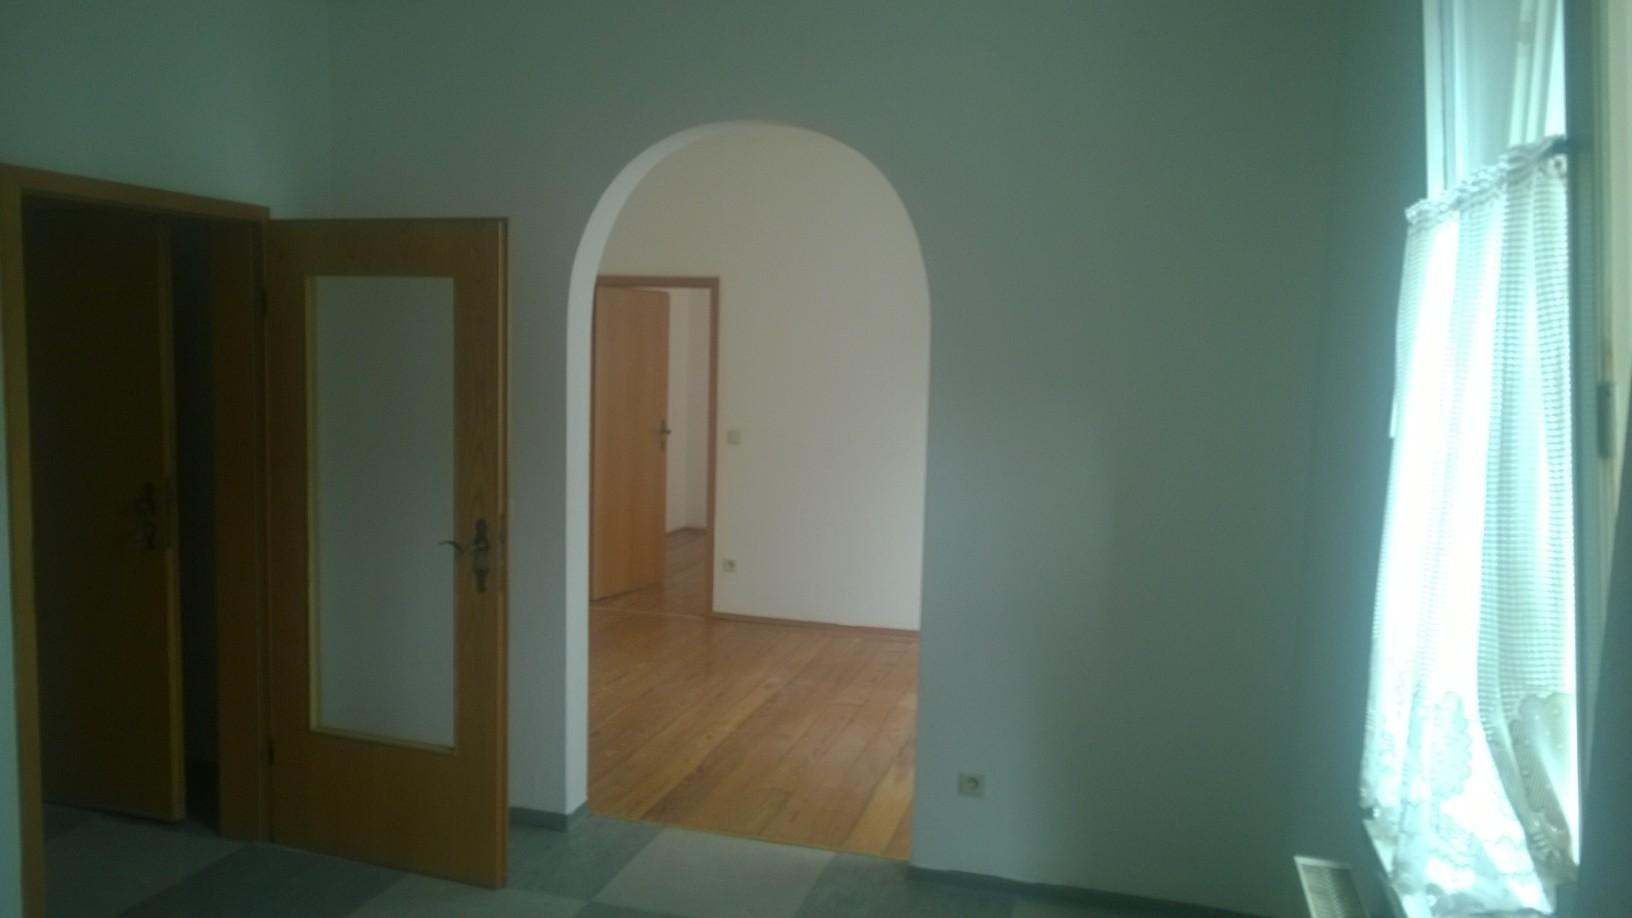 2-Zimmer-Wohnung in Bad Kissingen in Bad Kissingen